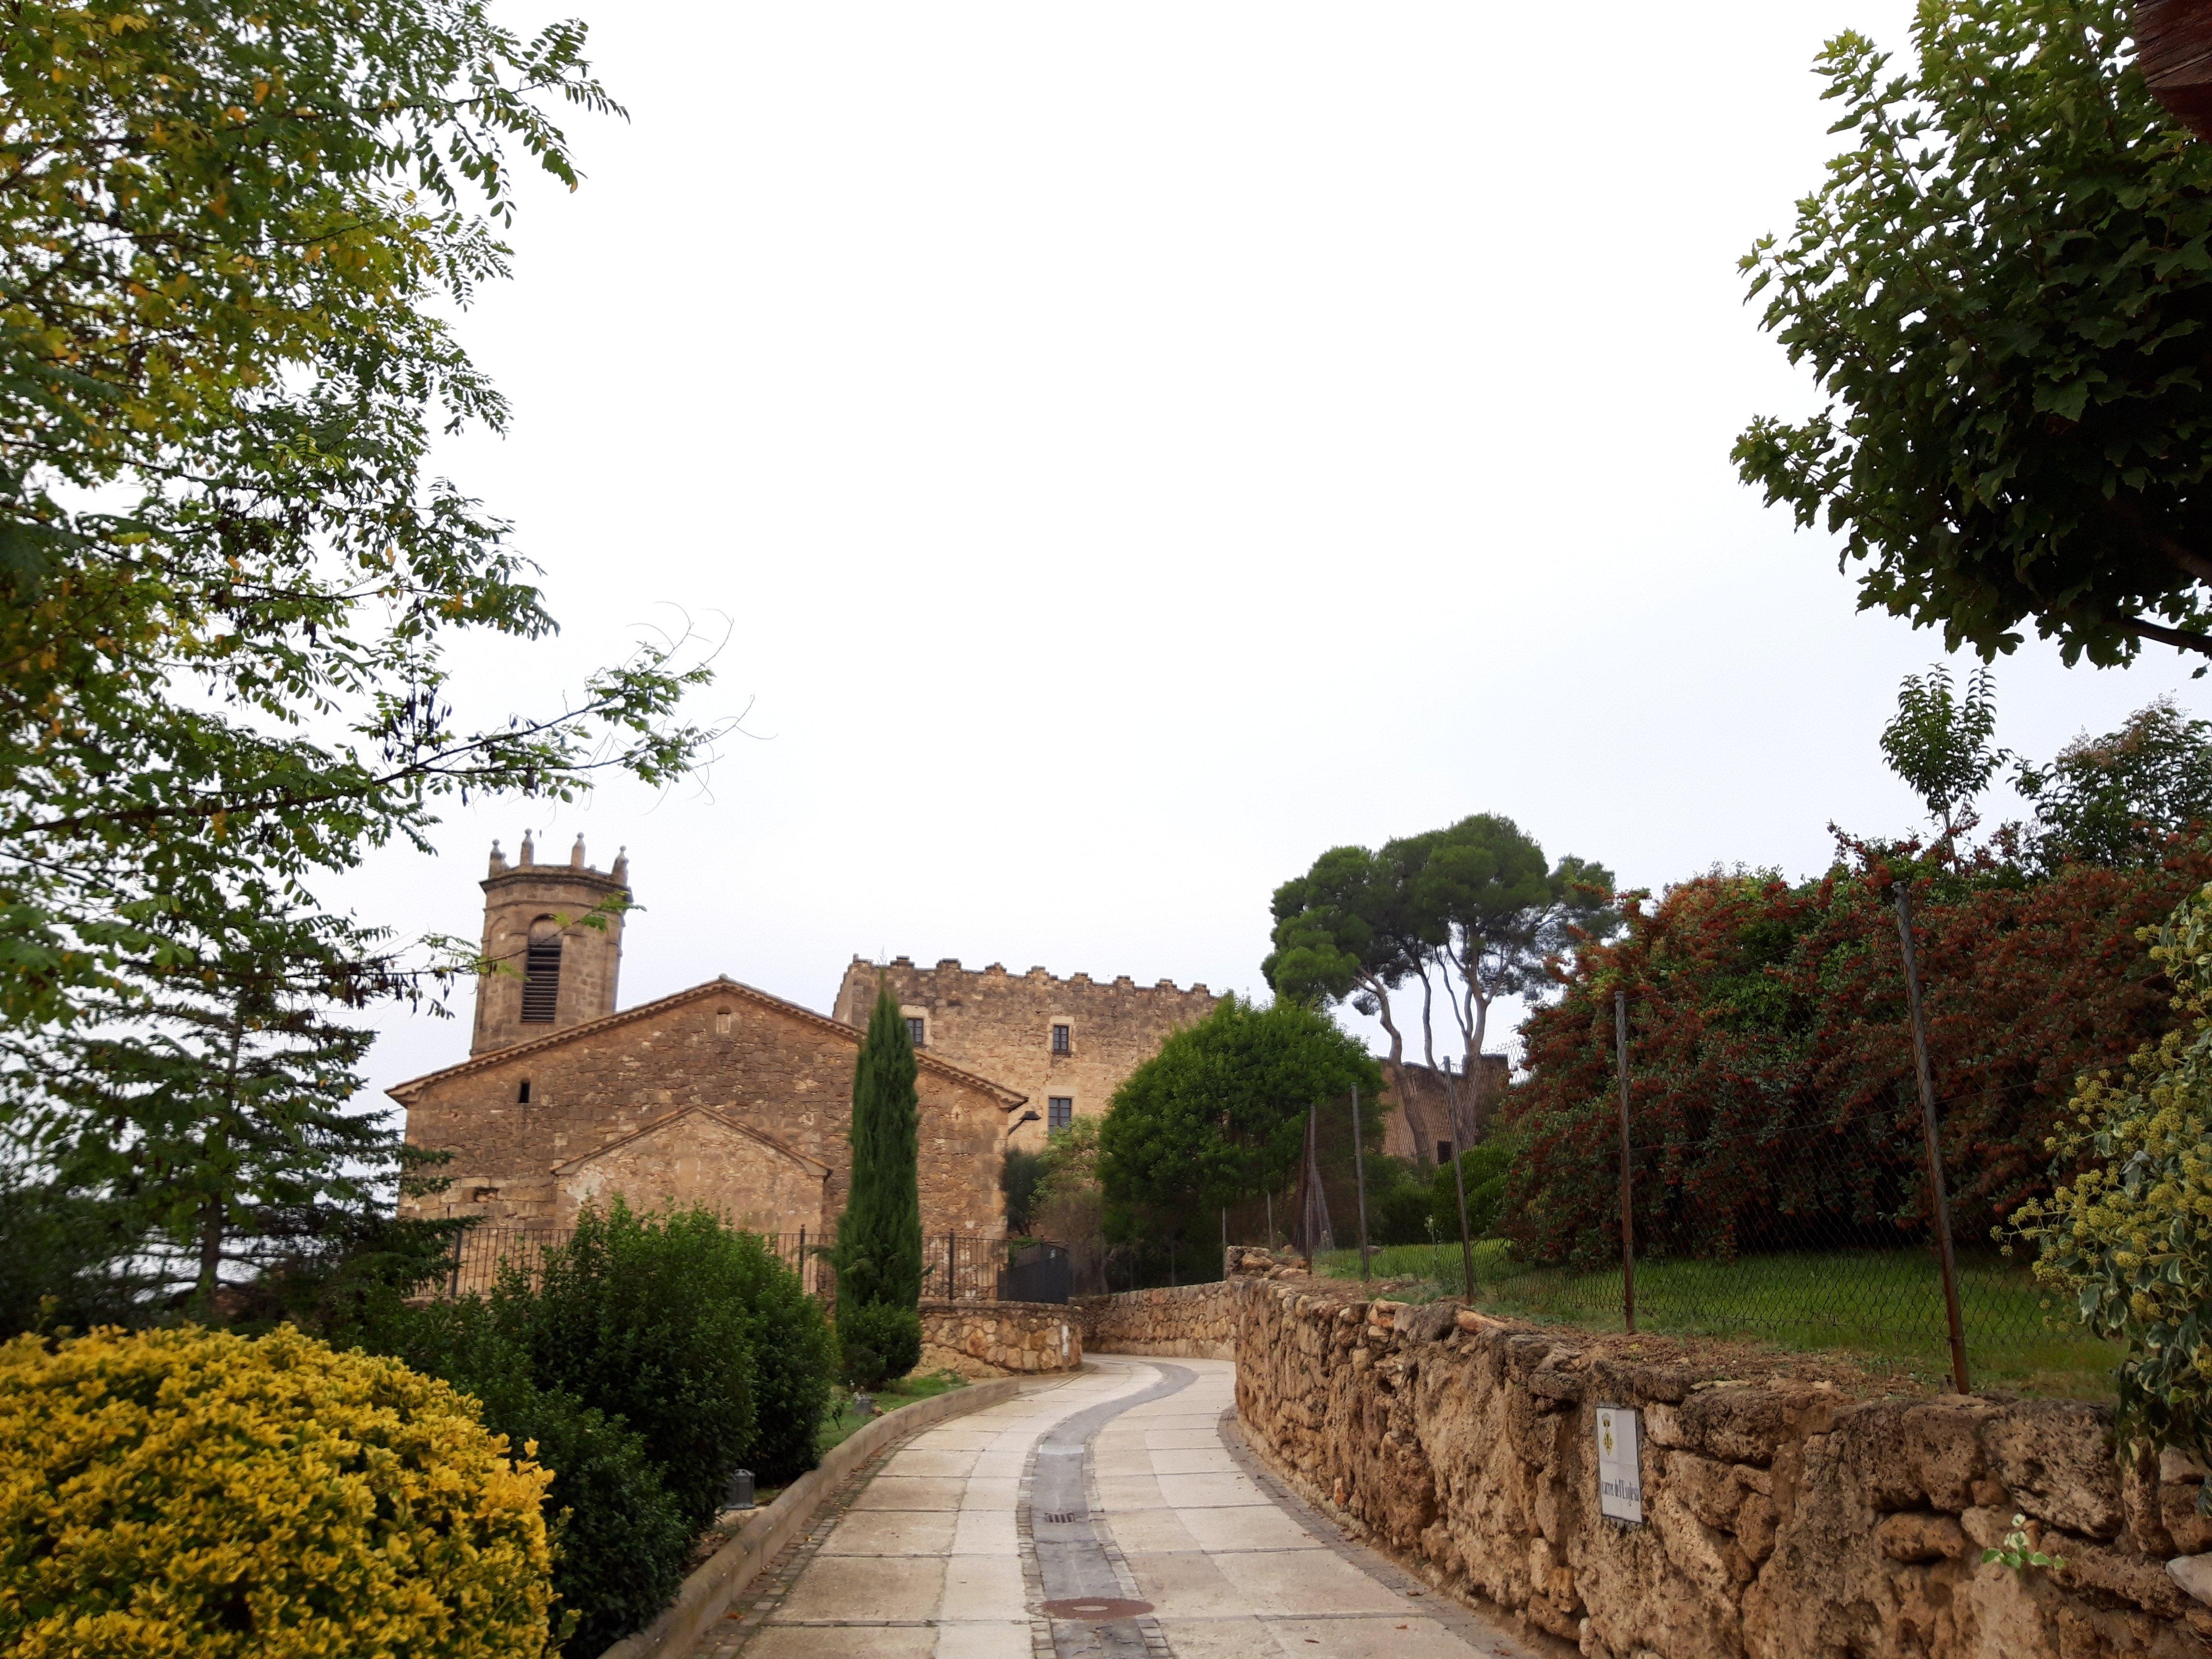 Torre de Claramunt, en el Anoia, un municipio bajo un imponente castillo medieval, yacimientos prehistoricos y cabañas de piedra